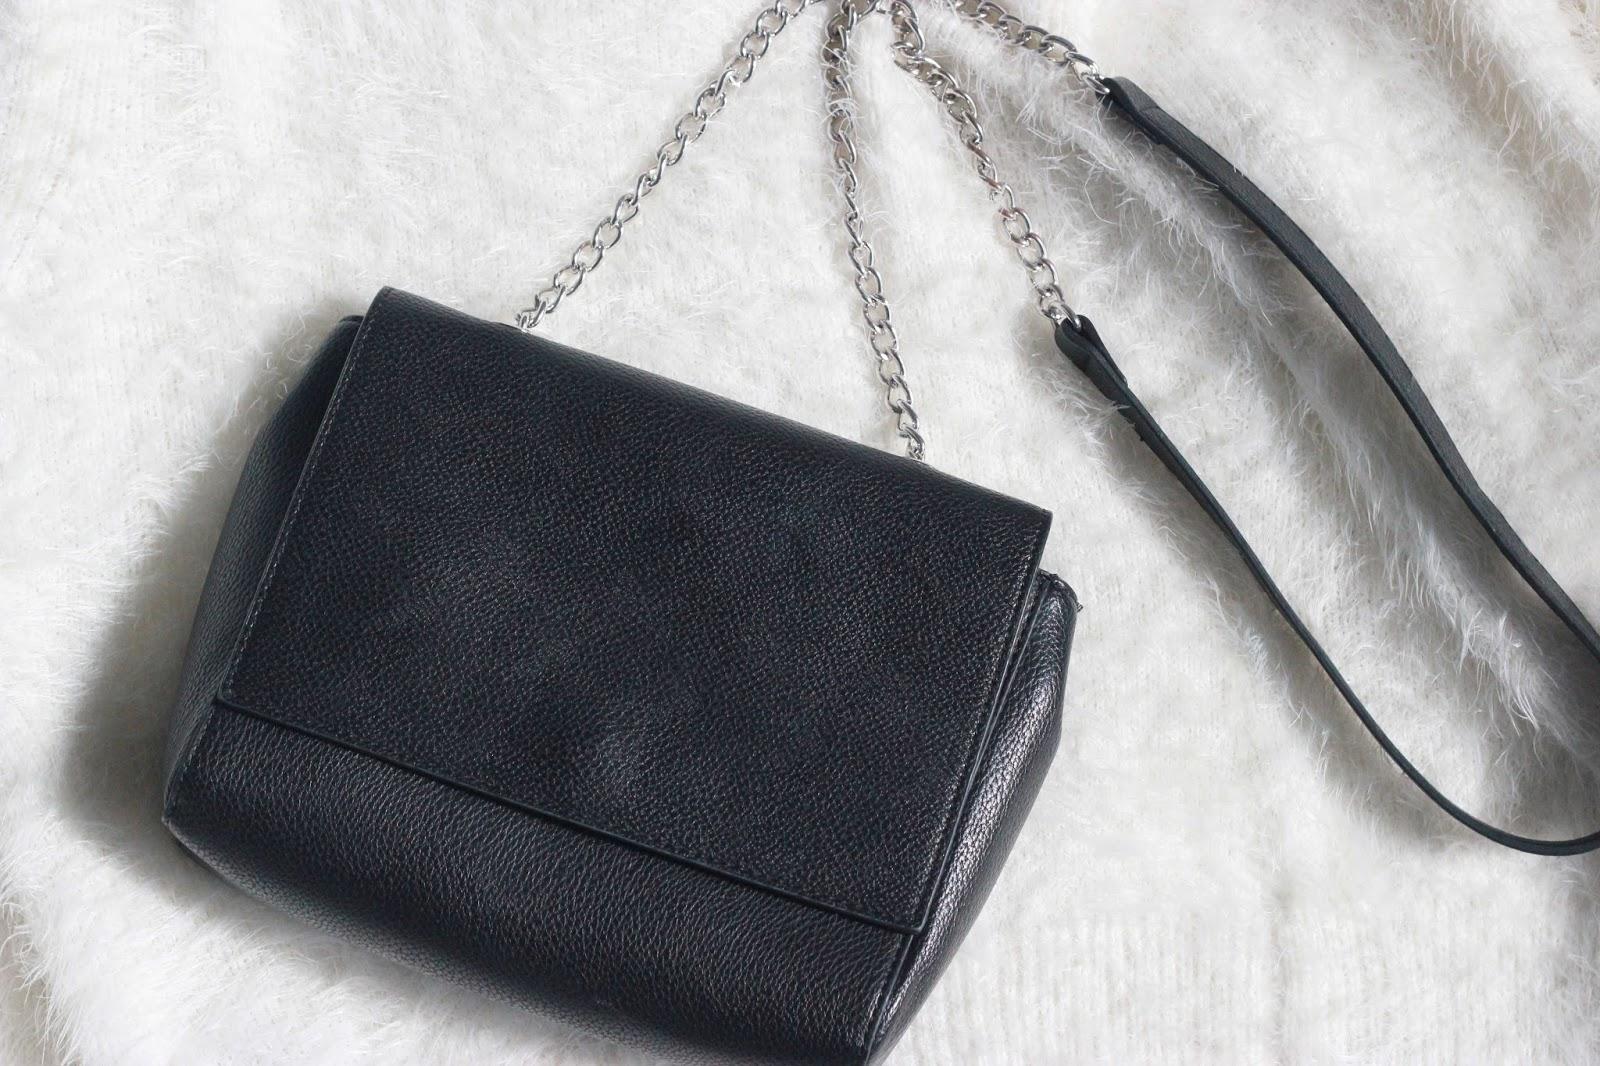 Uitzonderlijk Mijn favoriete kleine tasje (nu in de sale!) - The Budget Life  PH26